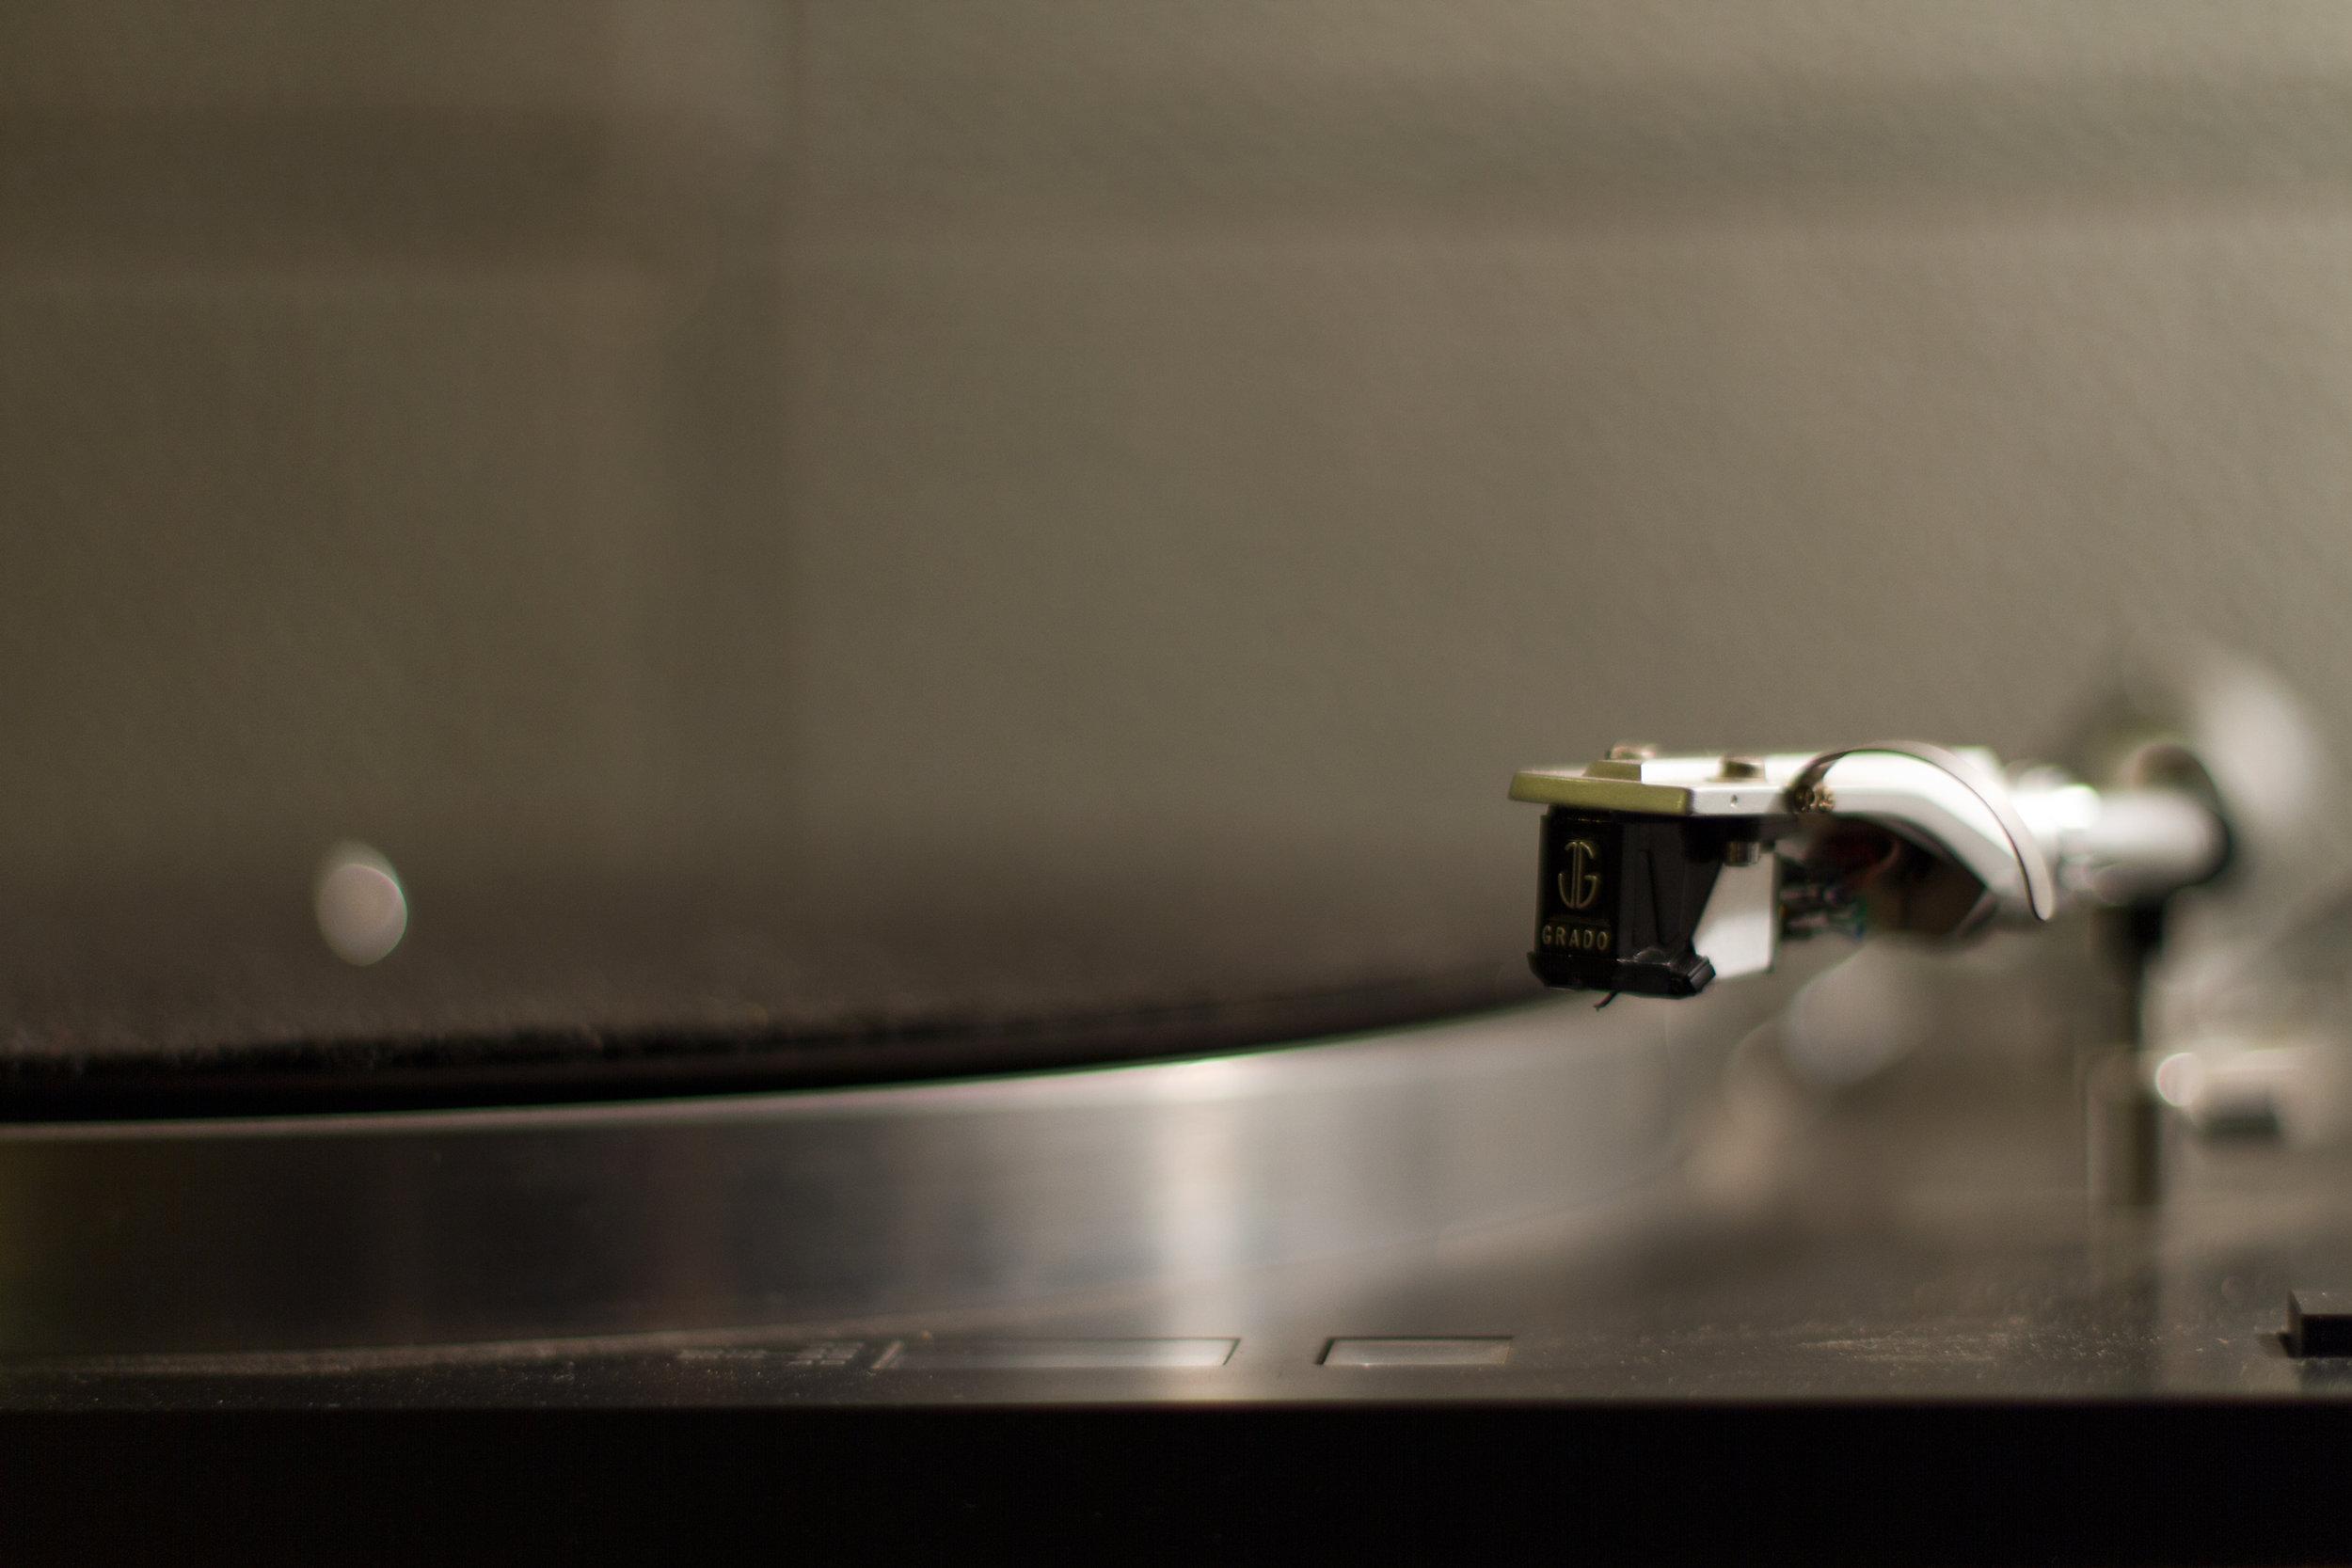 turntable-detail.jpg